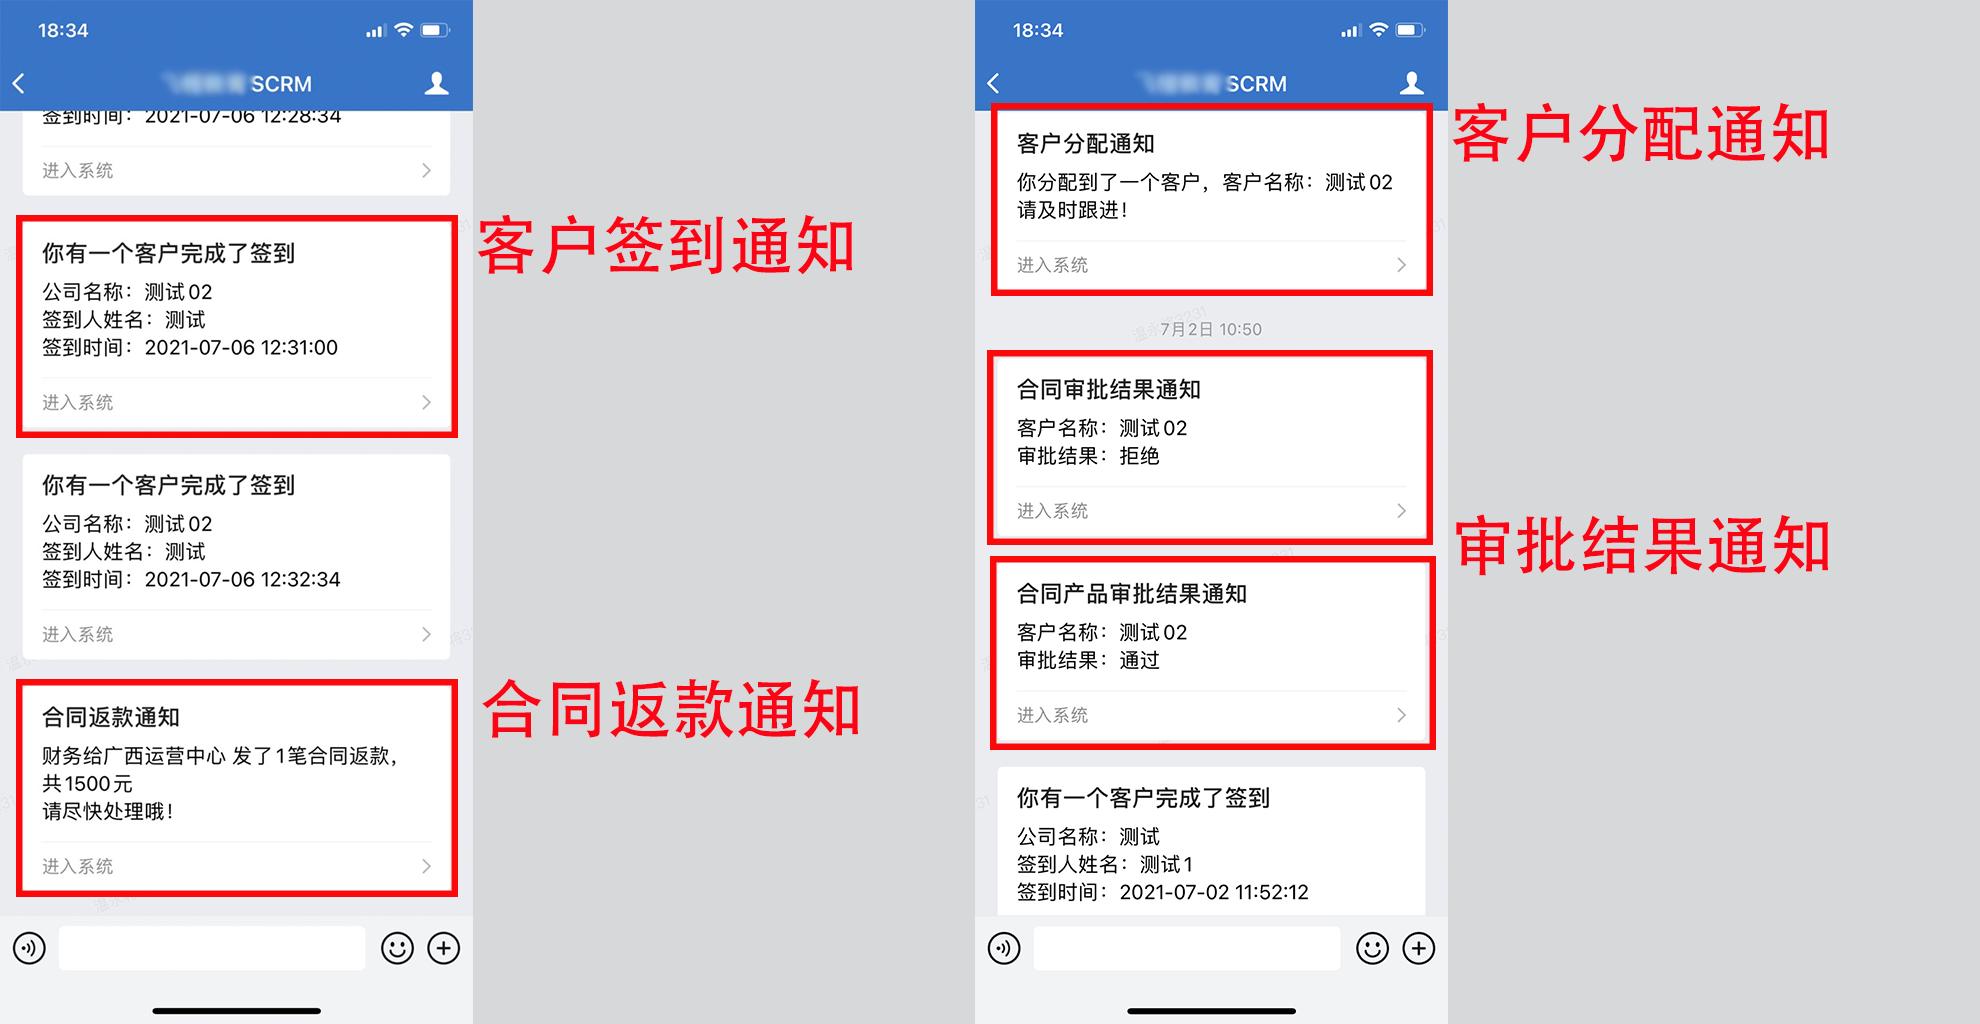 使用培训CRM实现企业微信消息通知